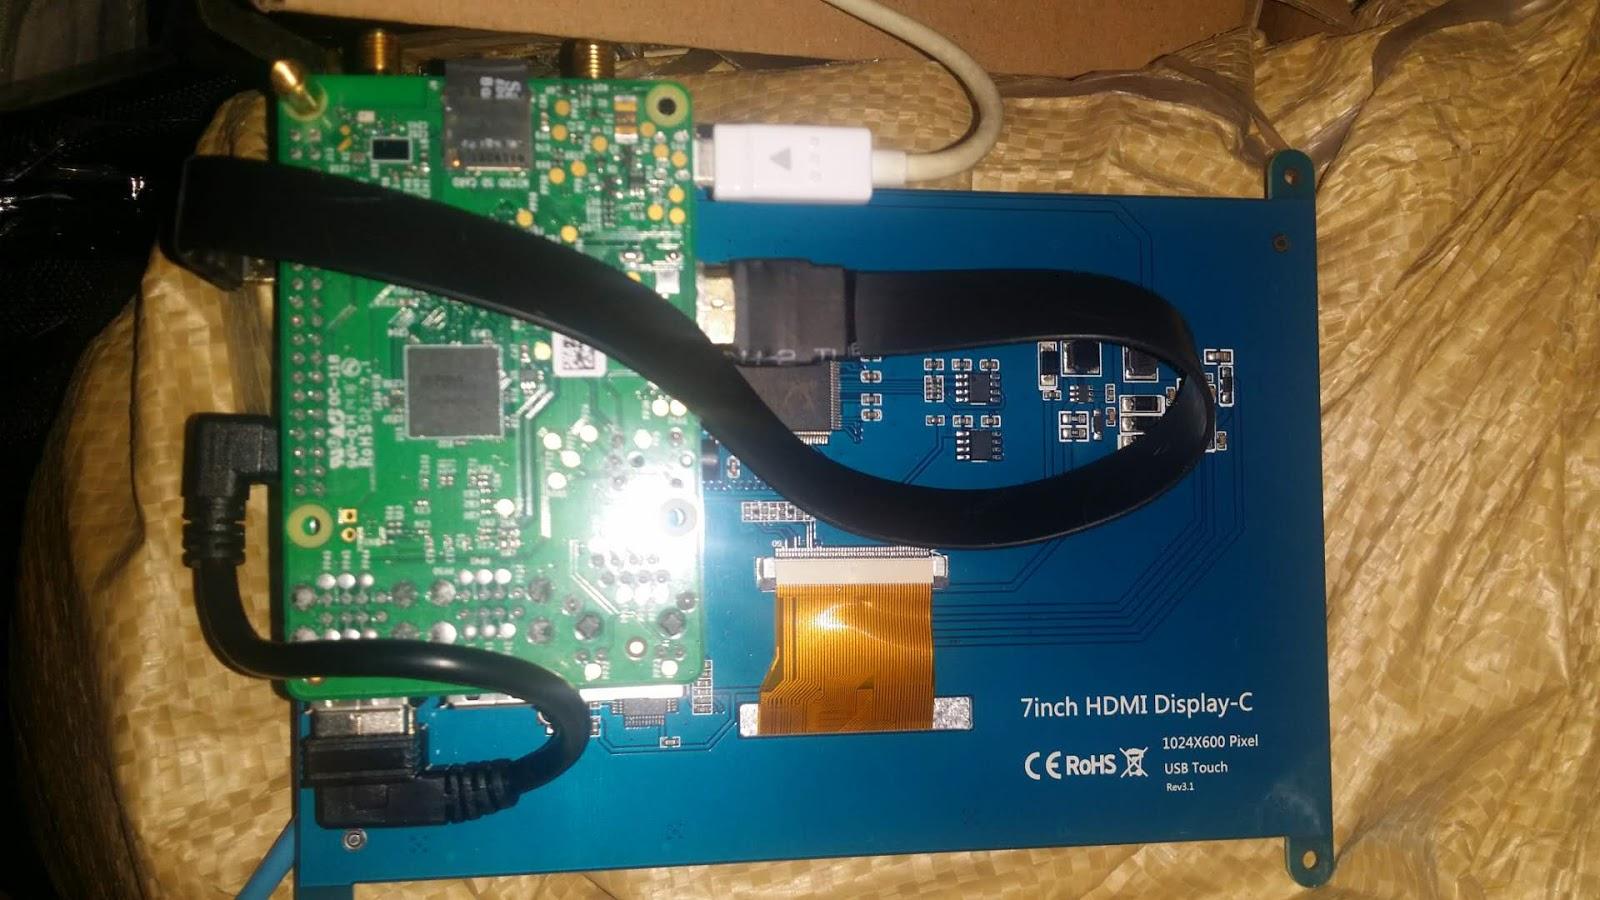 BI7JTA BLOG for MMDVM: MMDVM HDMI Desktop OS